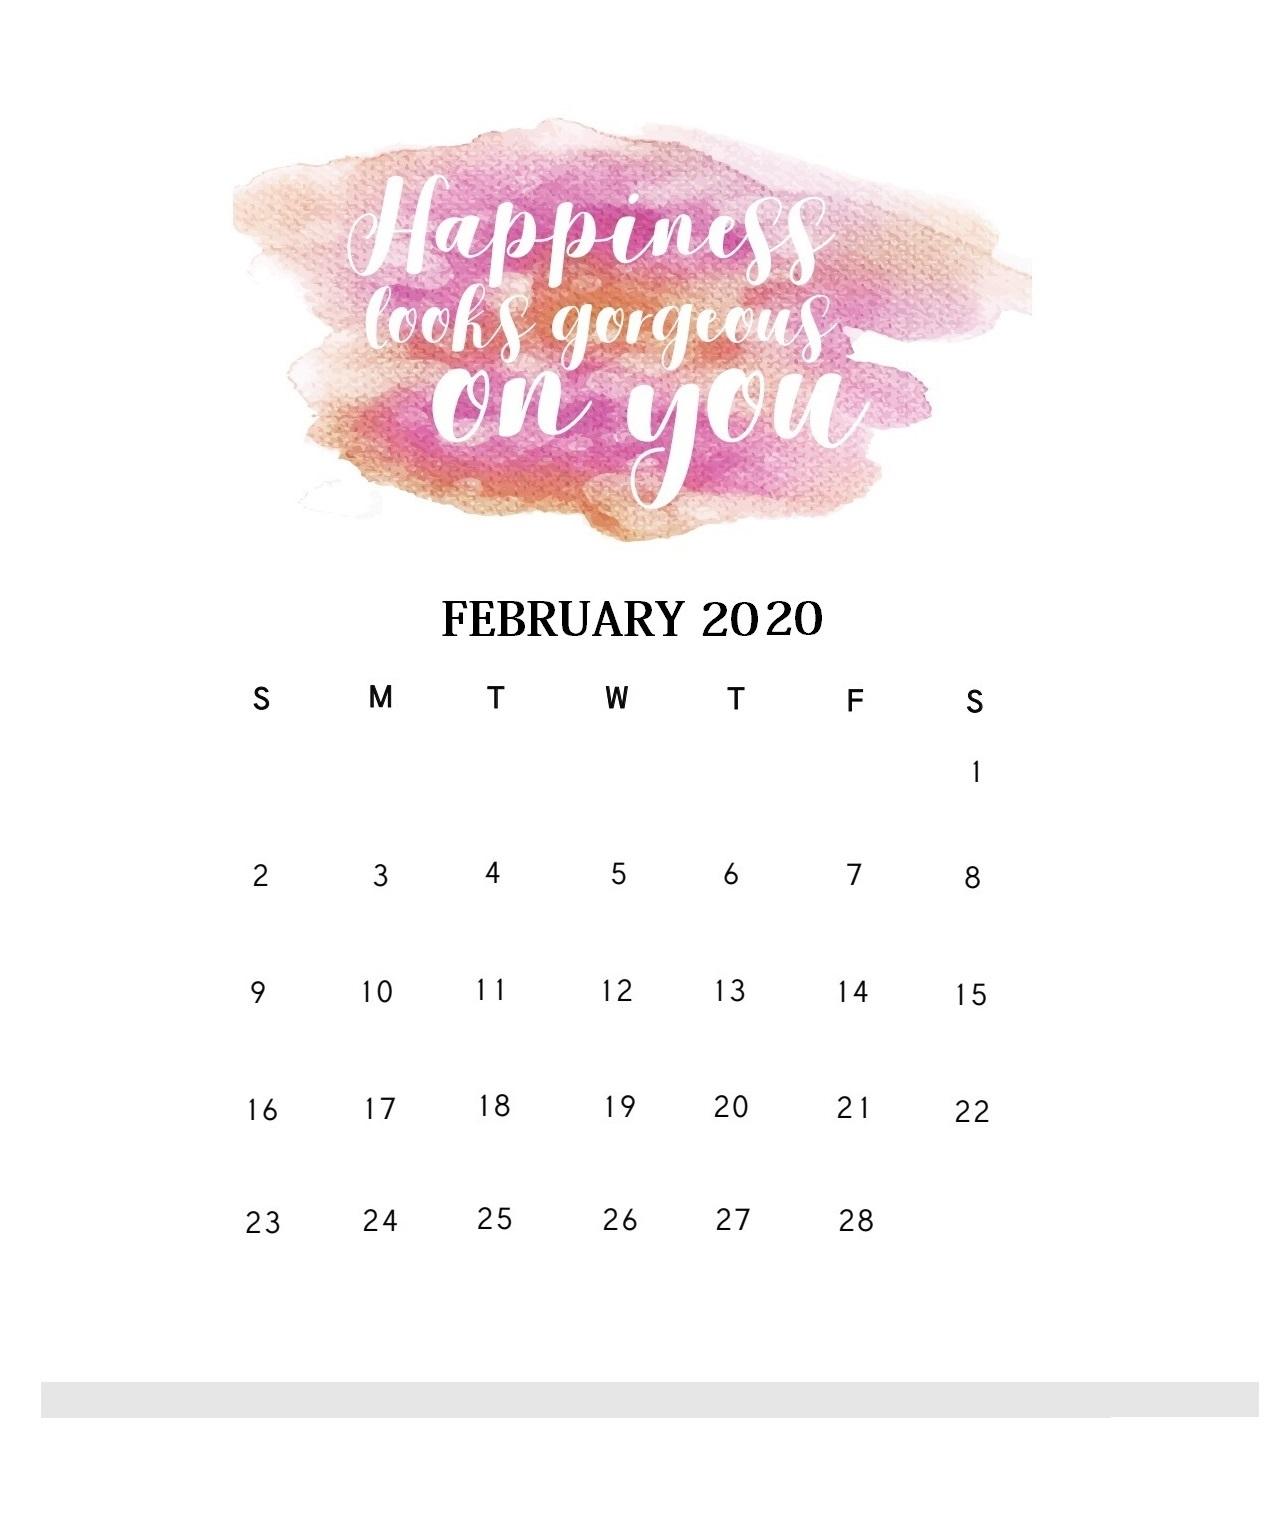 Motivational February 2020 Wall Calendar